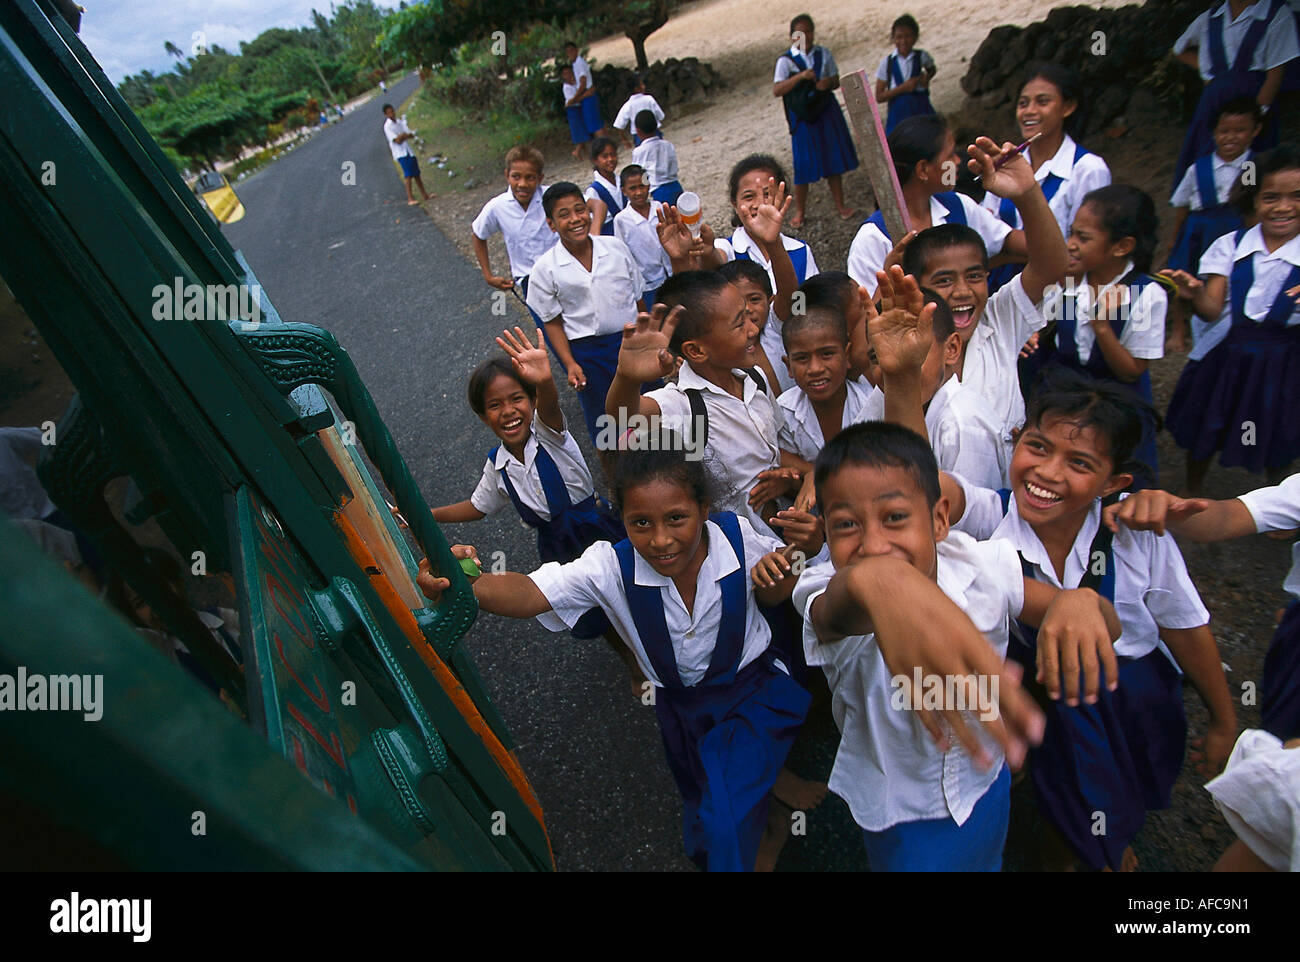 Ecotour Bus and Schoolkids, near Utulaelae Upolu, Samoa - Stock Image